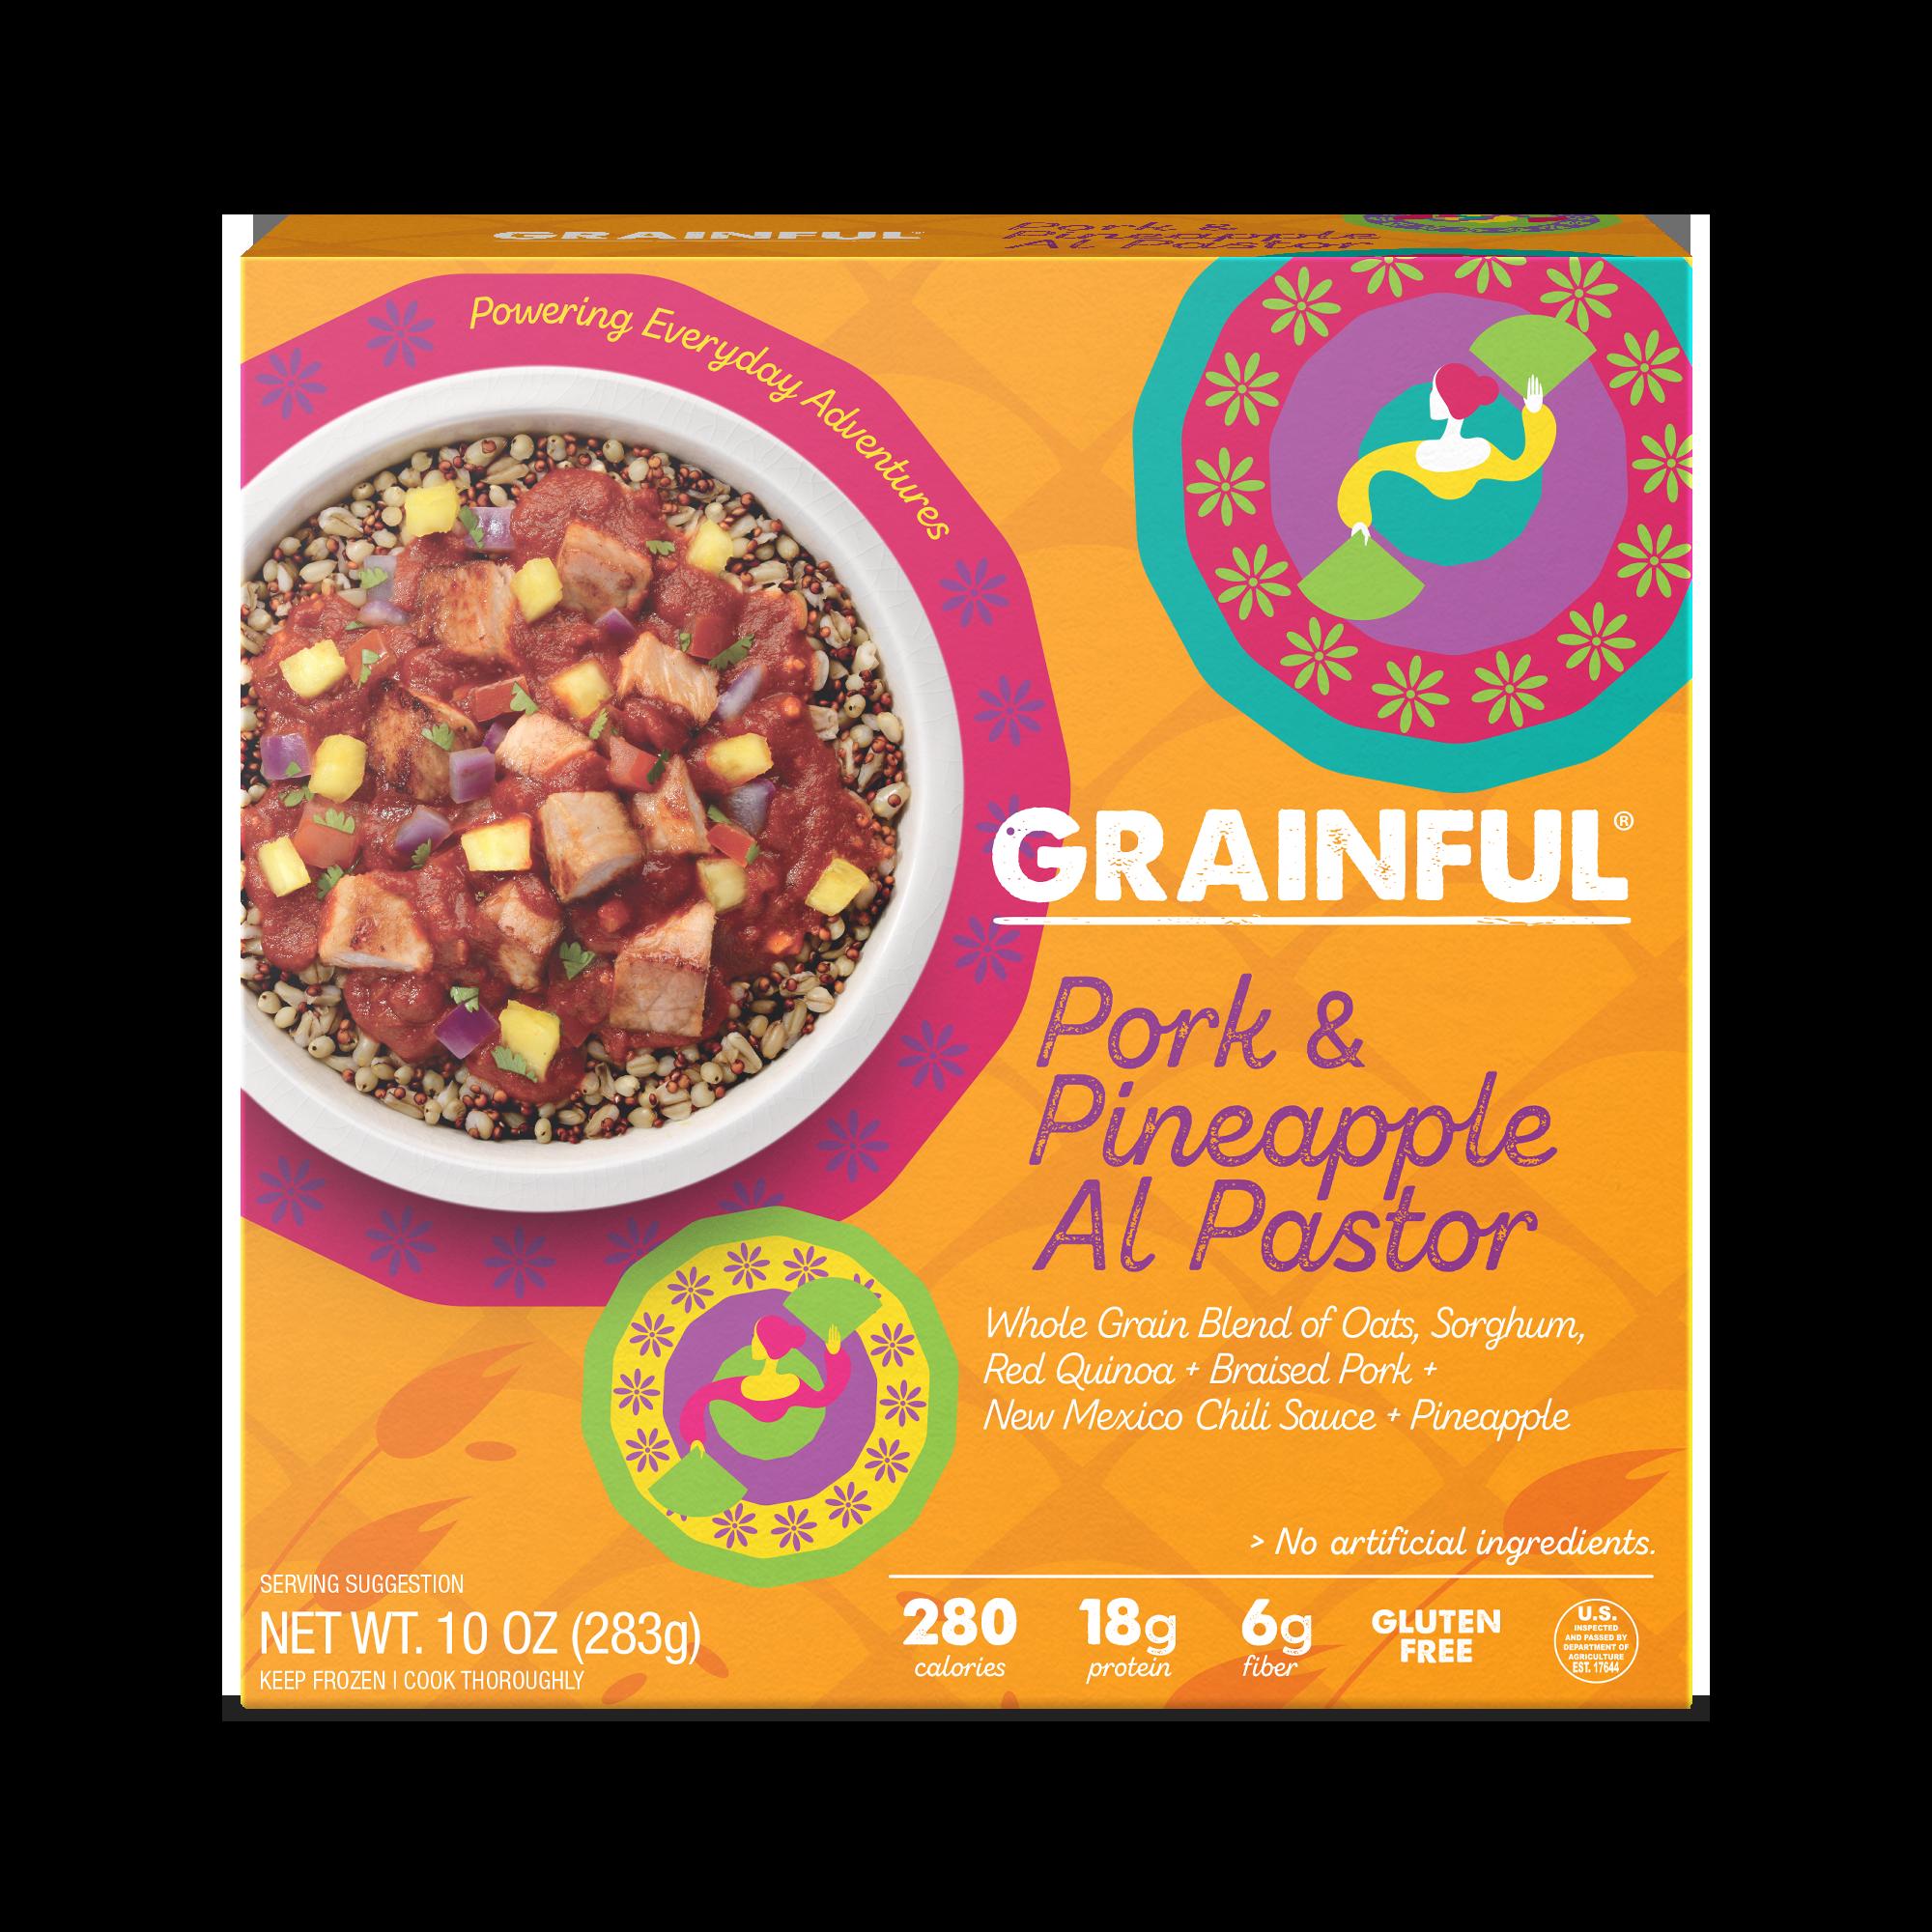 Grainful Target 3D Mockup_v1_Pork Pinapple Al Pastor.png